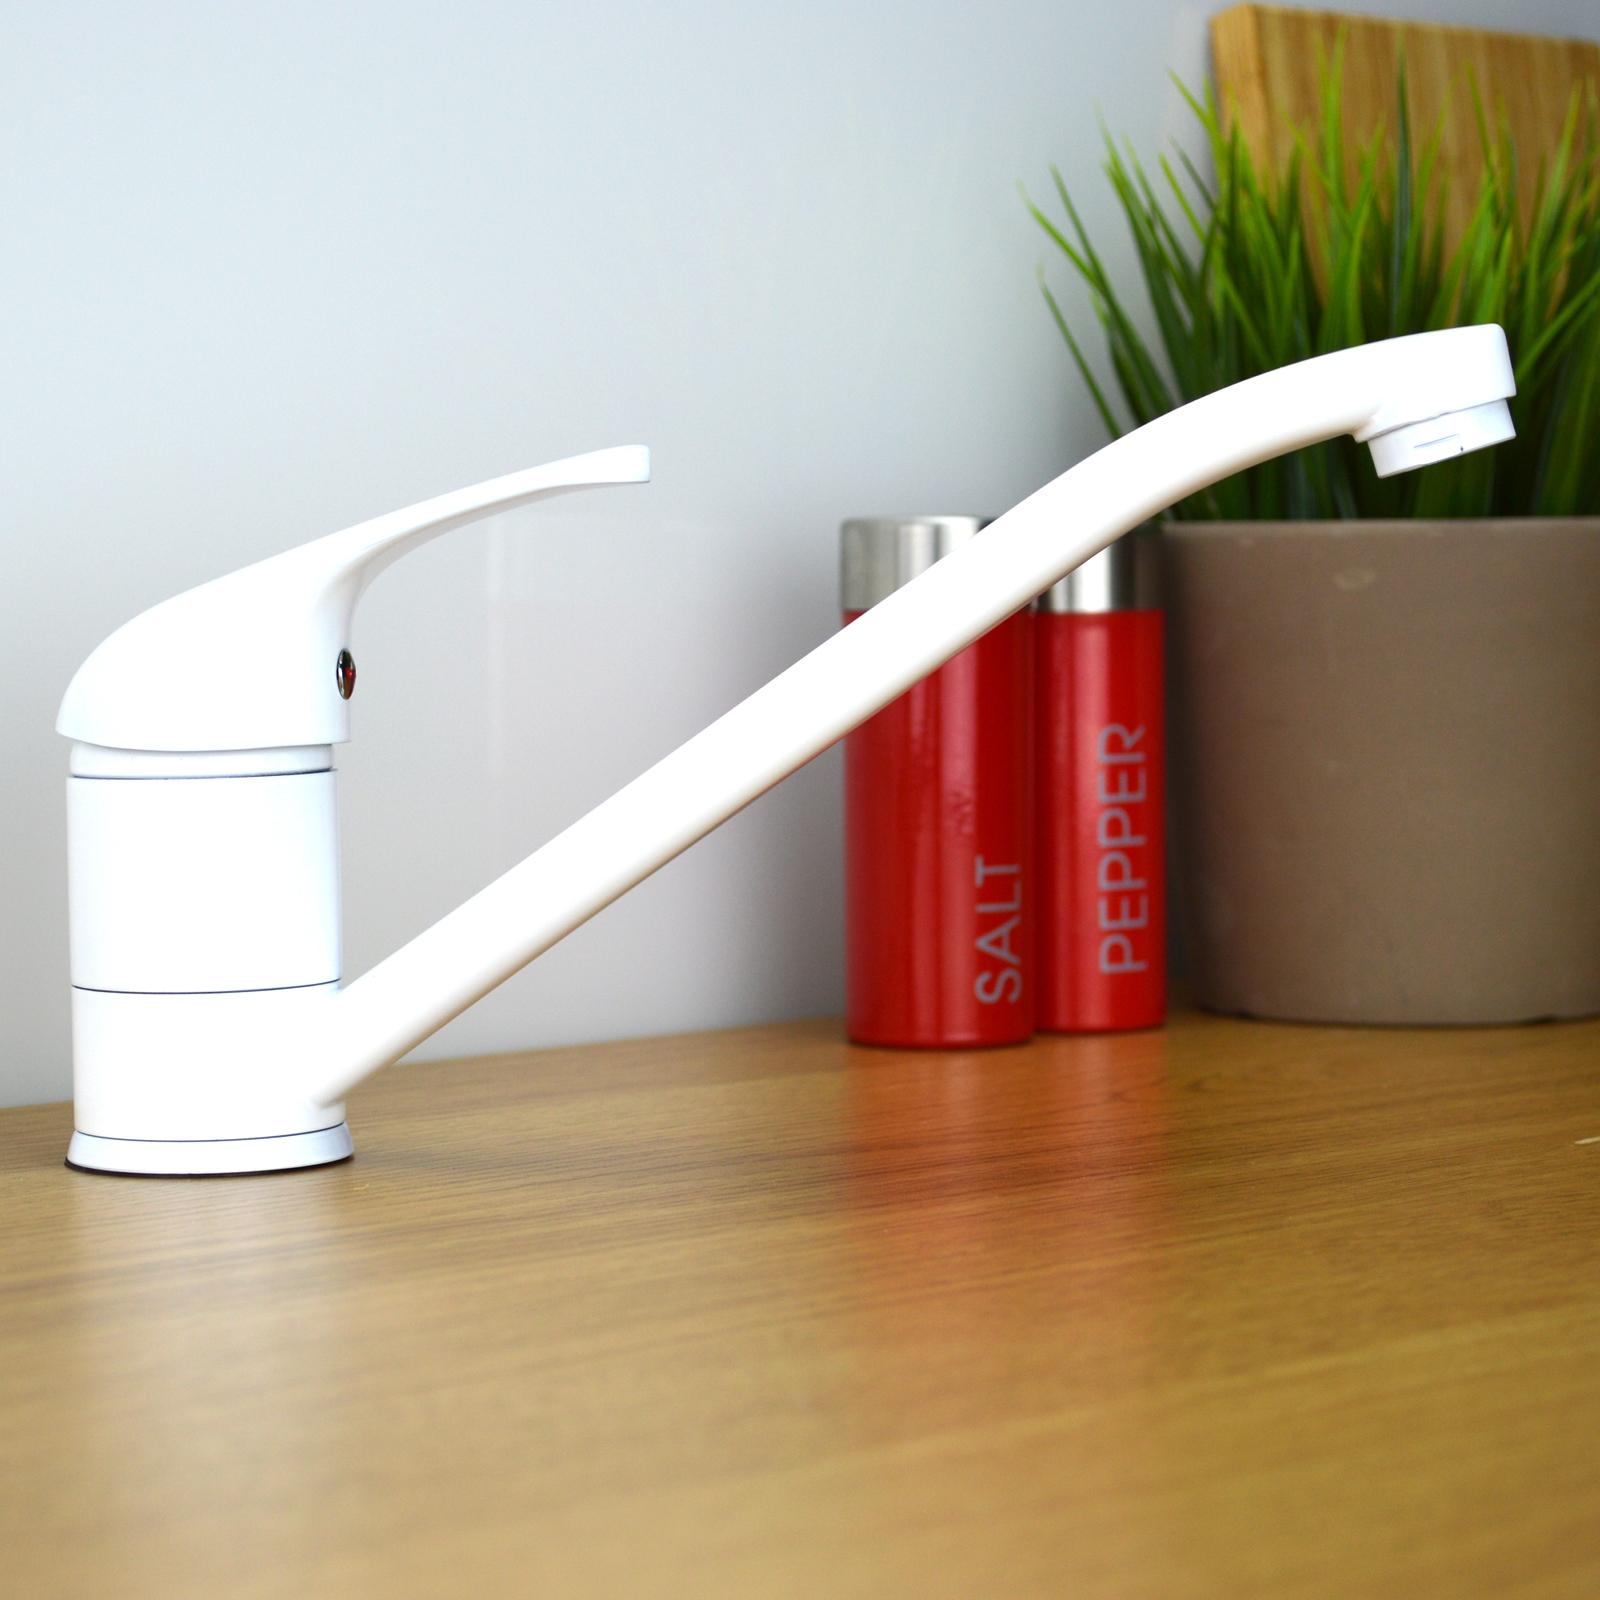 enki chrome kitchen sink mixer tap traditional black. beautiful ideas. Home Design Ideas